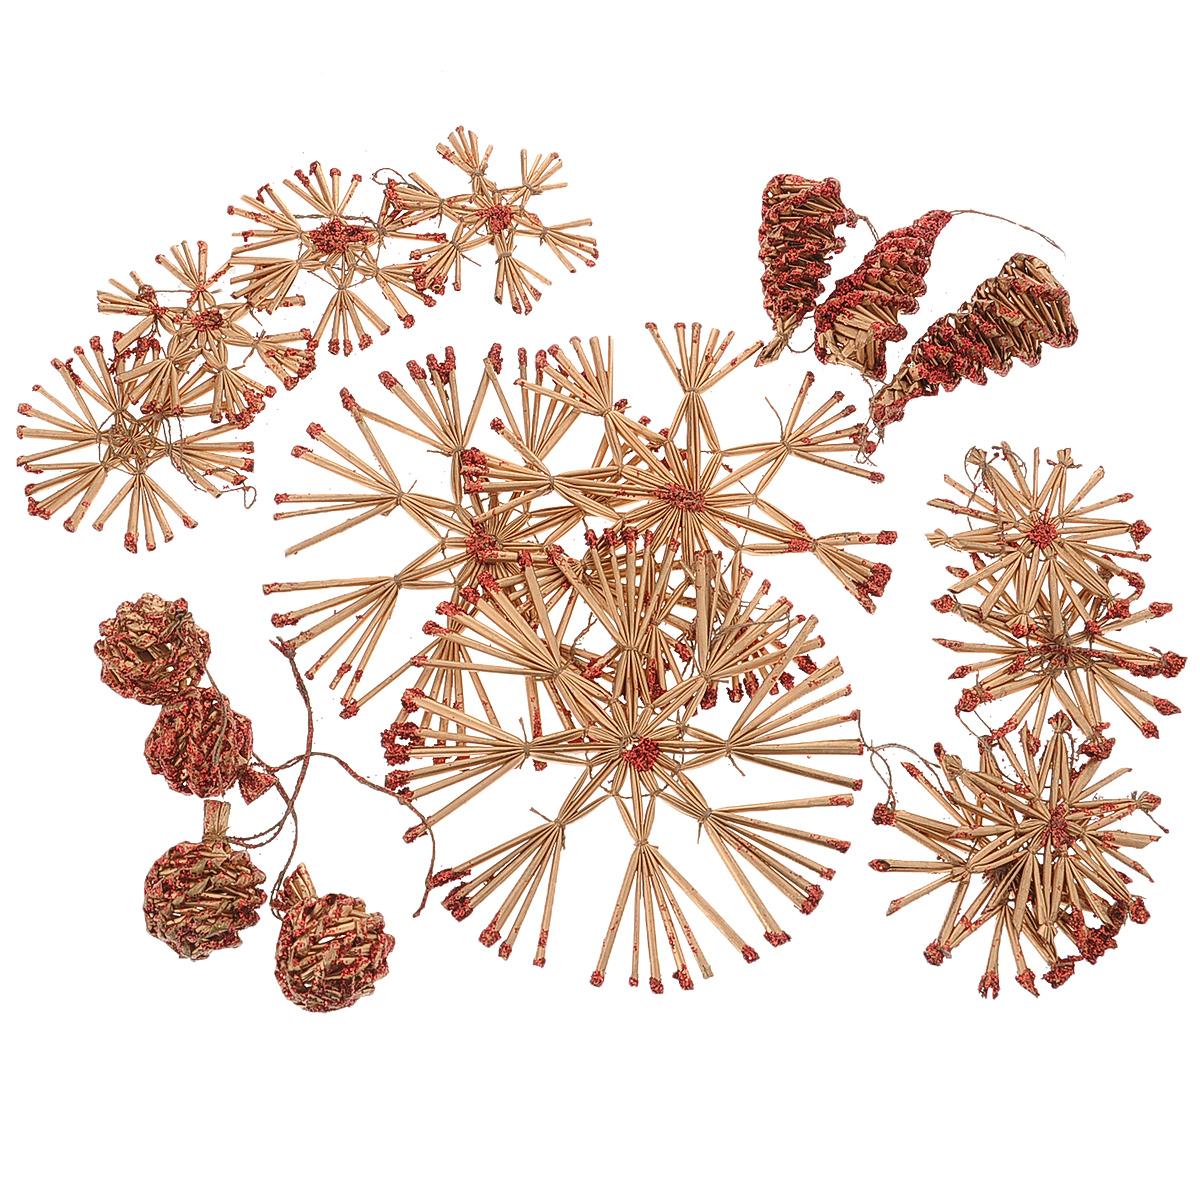 Набор новогодних подвесных украшений Снежинка, цвет: золотистый, красный, 18 предметов. 3468334683Набор новогодних подвесных украшений Снежинка изготовленный из соломки, украсит интерьер вашего дома или офиса в преддверии Нового года. Оригинальный дизайн и красочное исполнение создадут праздничноенастроение. Набор состоит из фигурок снежинок, елок и шишек. Предметы набора покрыты лаком и украшены блестками.Украшения из натуральной соломы сейчас находятся на пике моды. Но мало кто знает, что на самом деле модное веяние является ничем иным, как хорошо забытым атрибутом рождественских праздников странраннехристианской Европы. Солома напоминала о яслях, в которых лежал младенец Иисус - из нее мастерили праздничных куколок, короны, пирамиды и просто рассыпали по полу. Коллекция декоративных украшений из серии Magic Time принесет в ваш дом ни с чем не сравнимое ощущение волшебства!